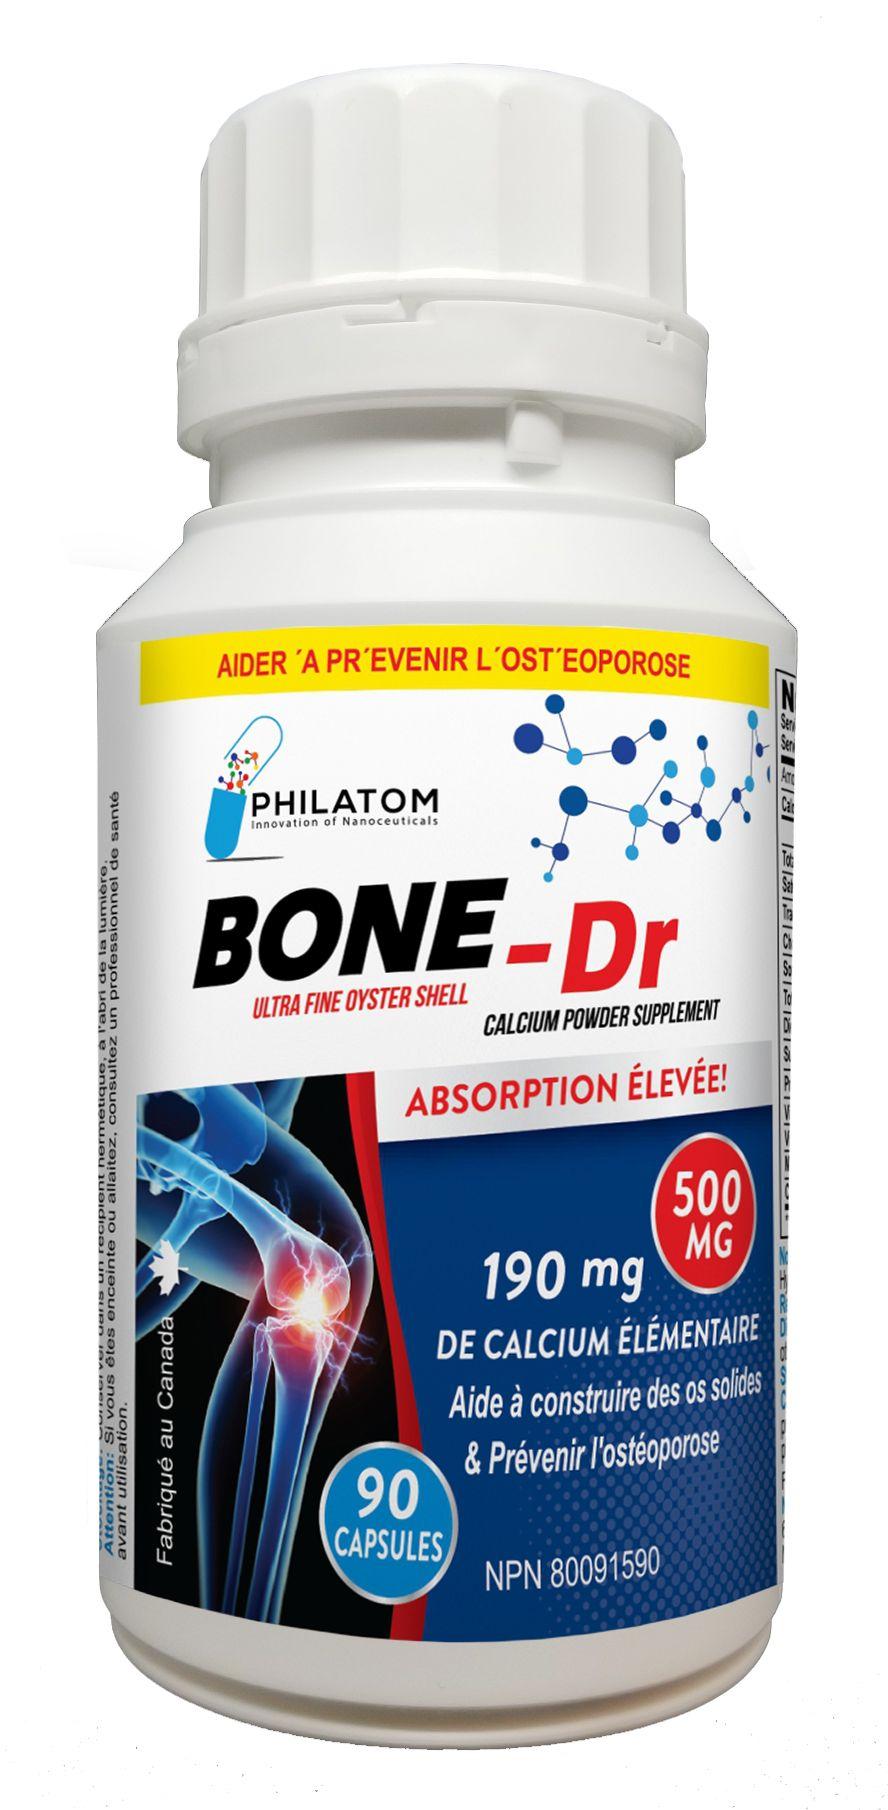 33++ Calcium carbonate or calcium citrate for osteoporosis viral